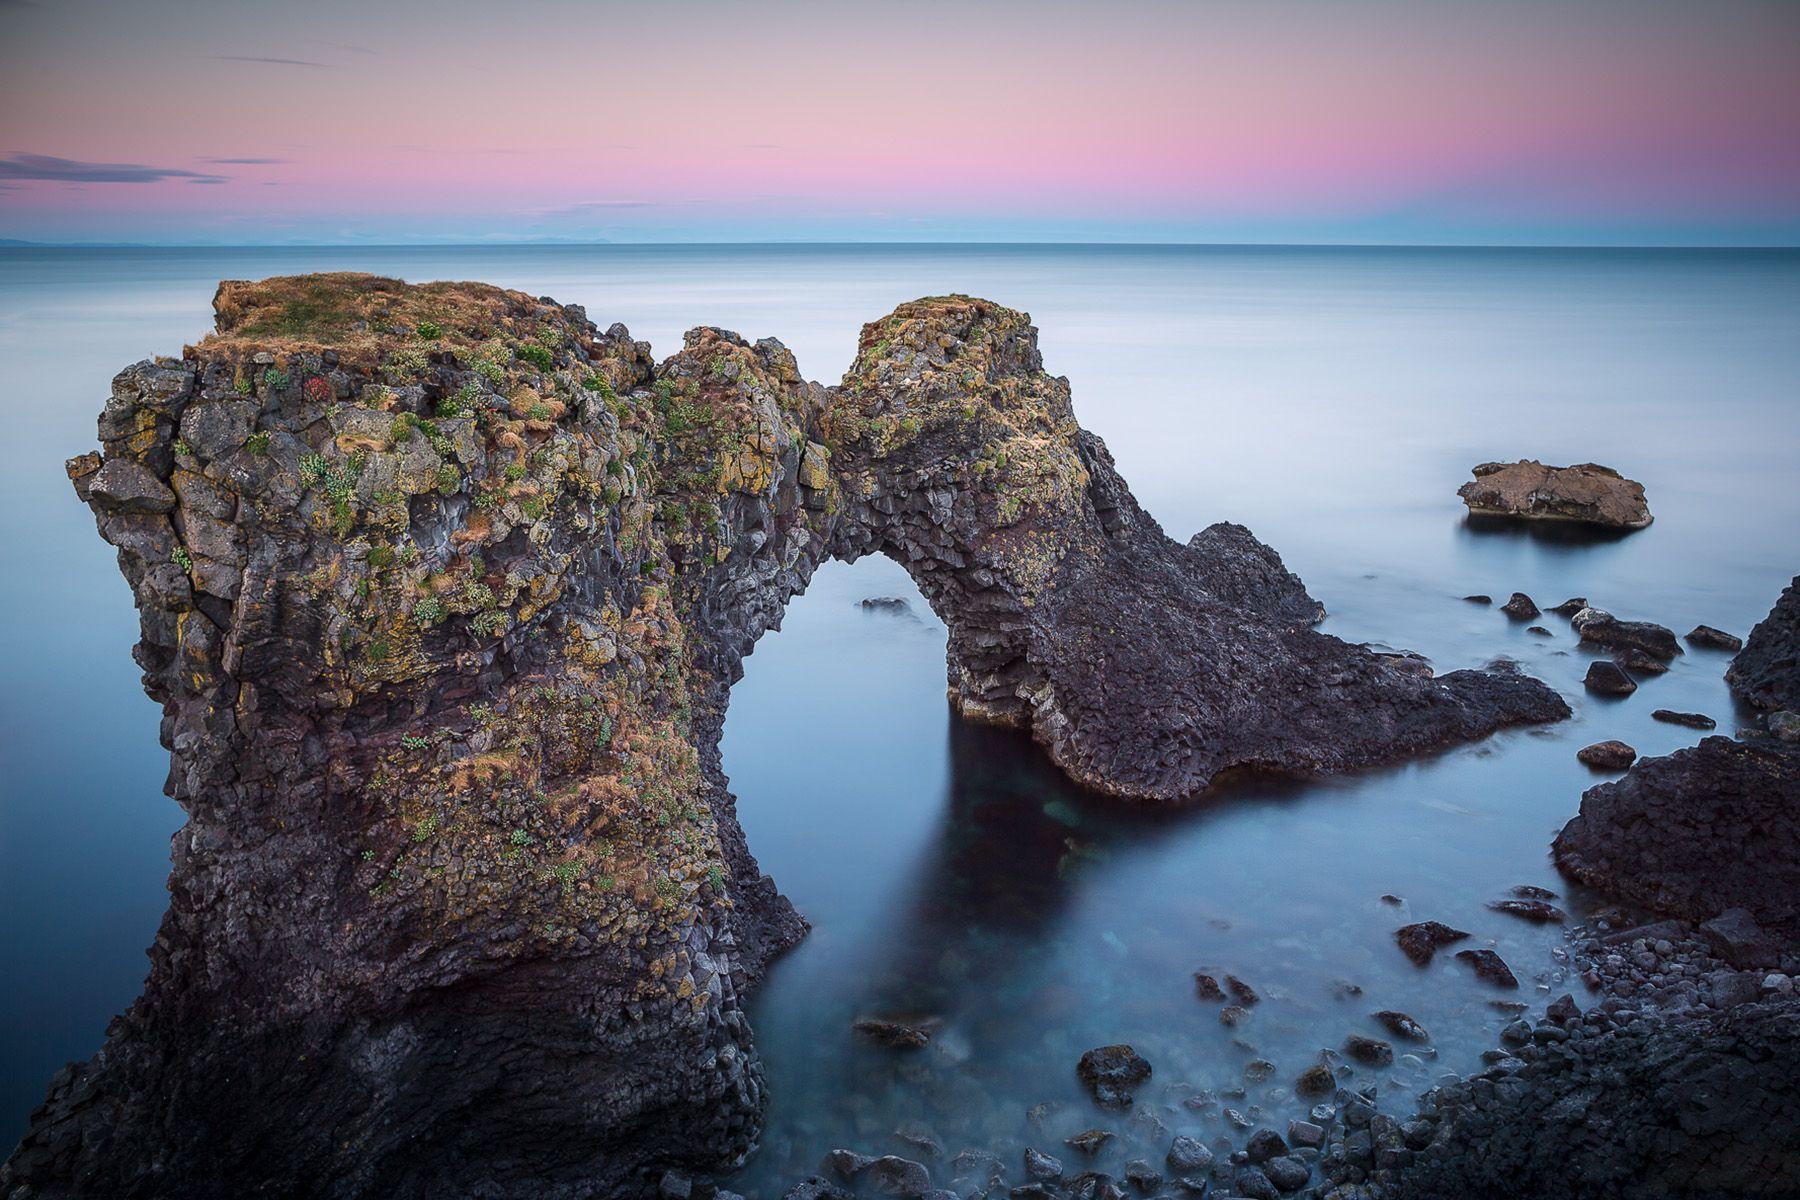 Gatklettur rock arch.